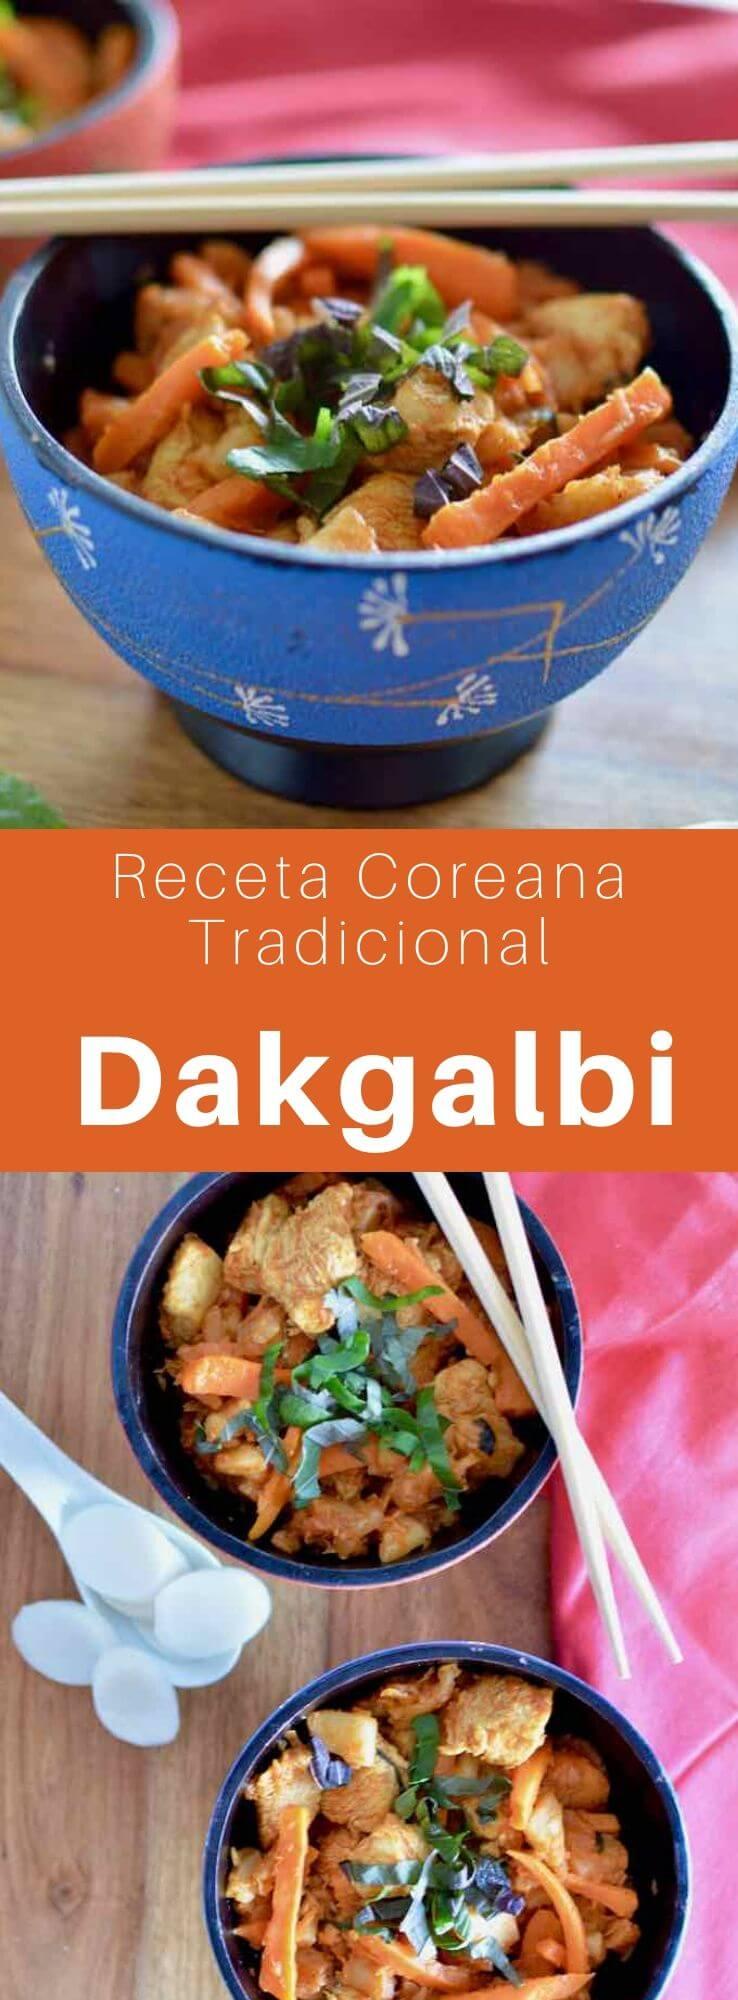 El dak galbi o dakgalbi (닭 갈비), es un plato coreano que contiene pollo picante salteado en una salsa de gochujang, con batata, col, hojas de shiso, cebollas verdes, tteok y otros ingredientes.